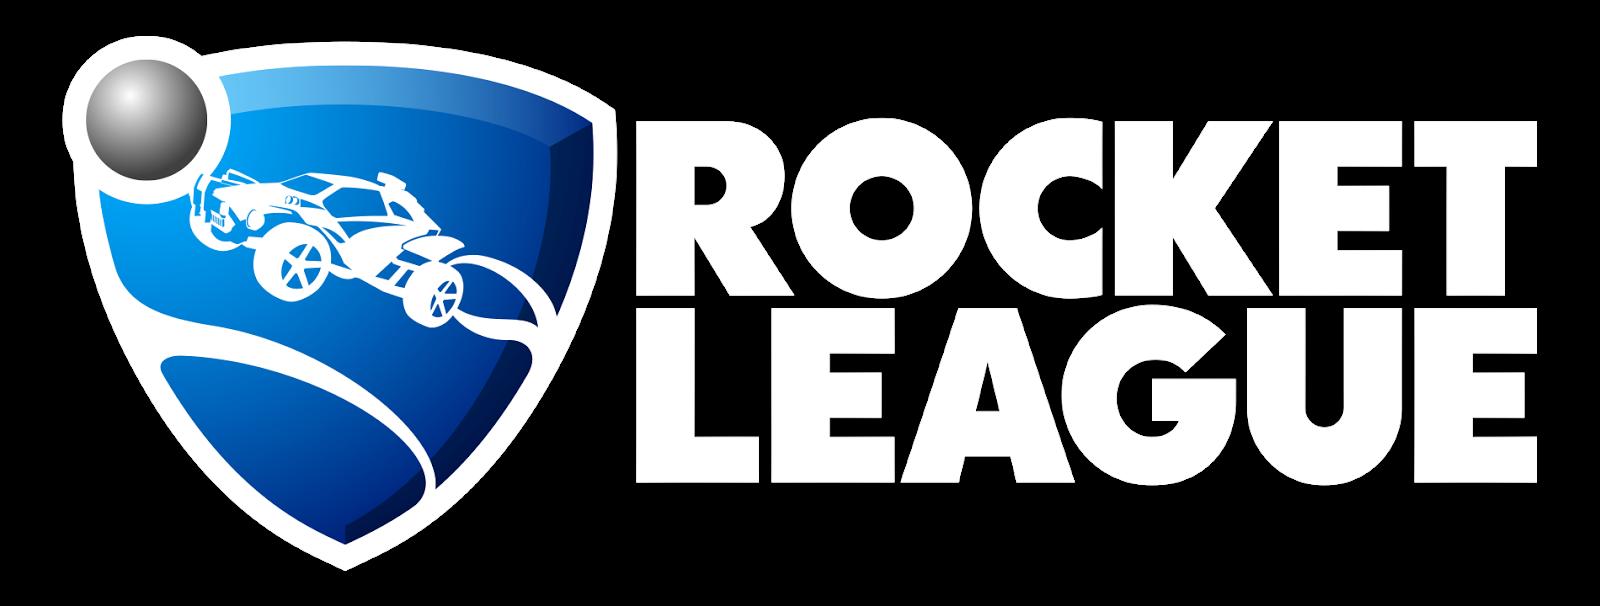 Resultado de imagem para rocket league switch logo png